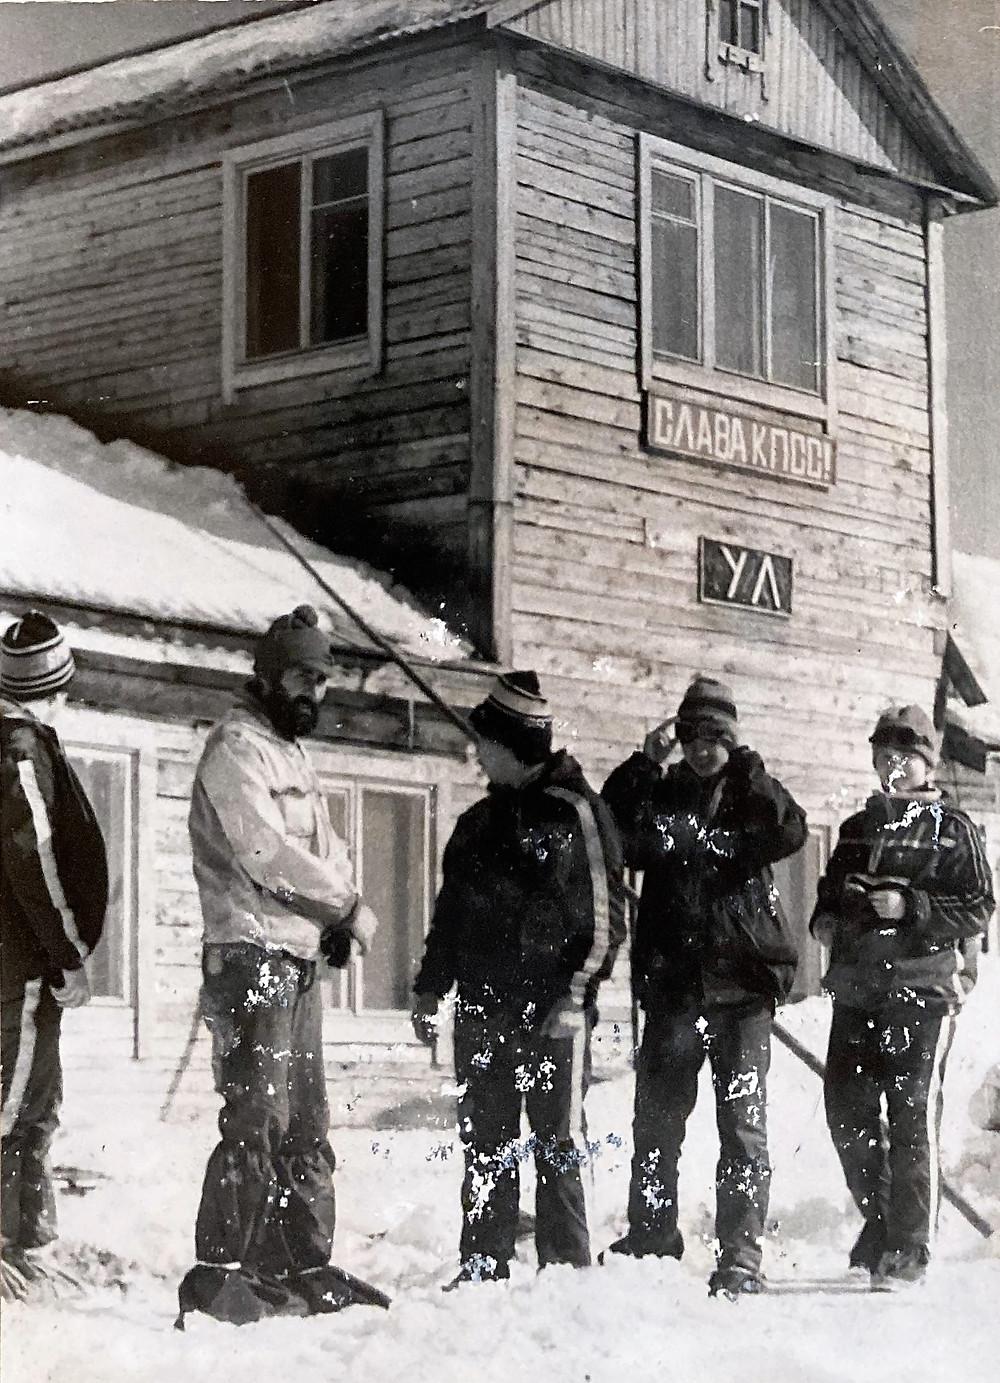 Аэропорт Ул  skitour.club  Блог Сергея Чеботова